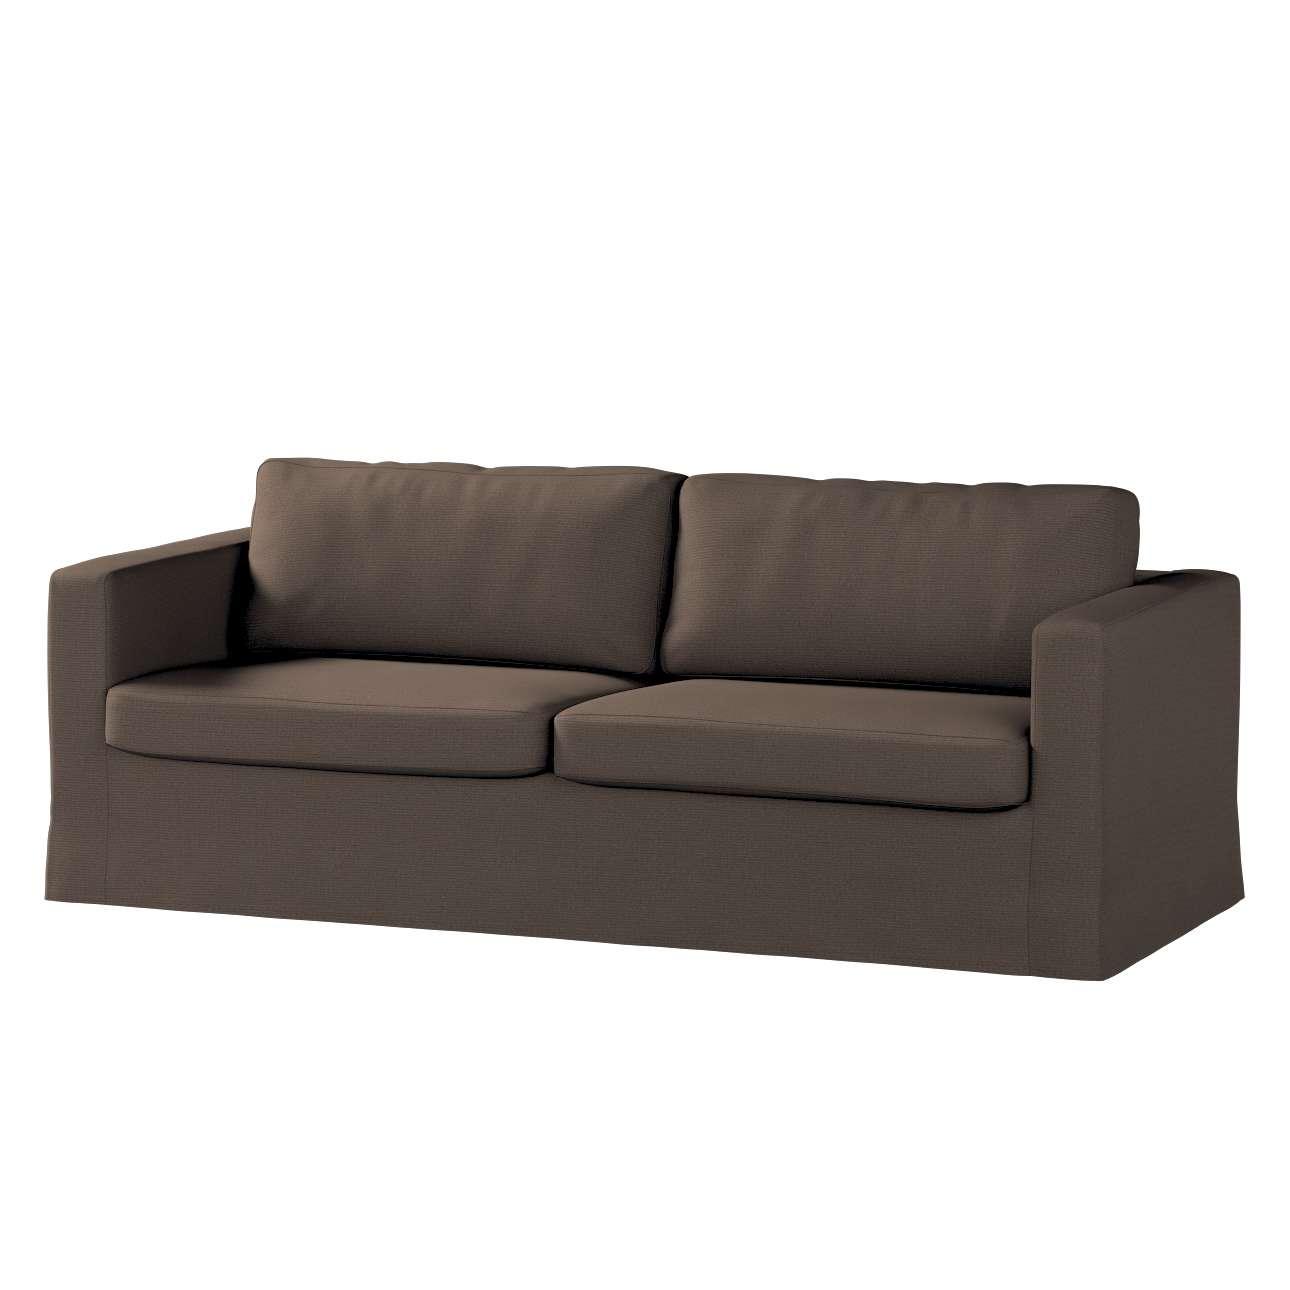 Pokrowiec na sofę Karlstad 3-osobową nierozkładaną, długi Sofa Karlstad 3-osobowa w kolekcji Etna , tkanina: 705-08